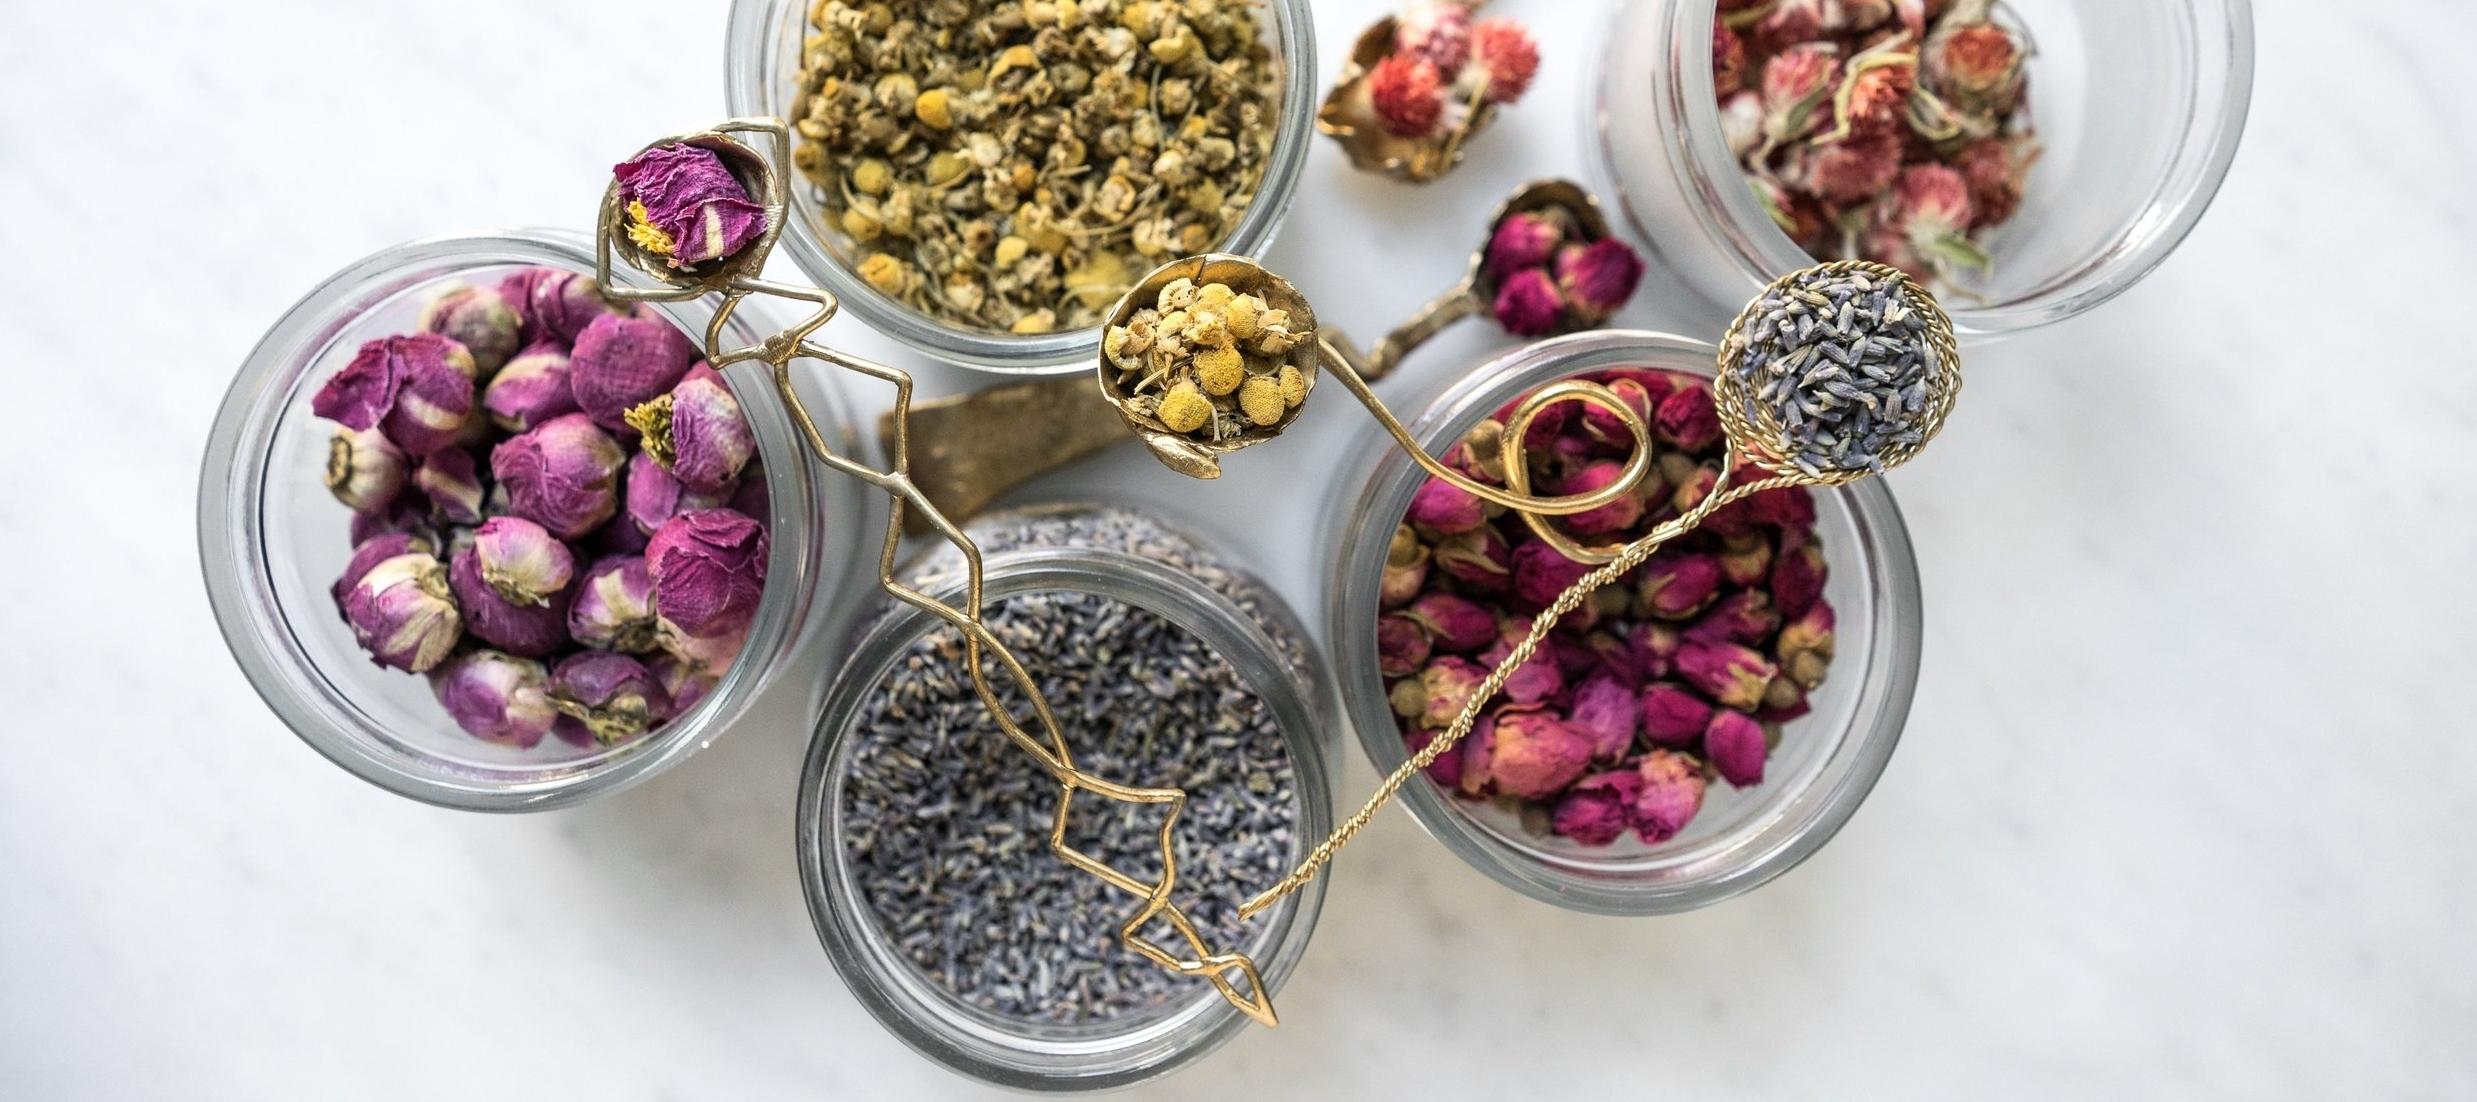 HEALTH & WELLNESS - TEAS FOR SKINCARE